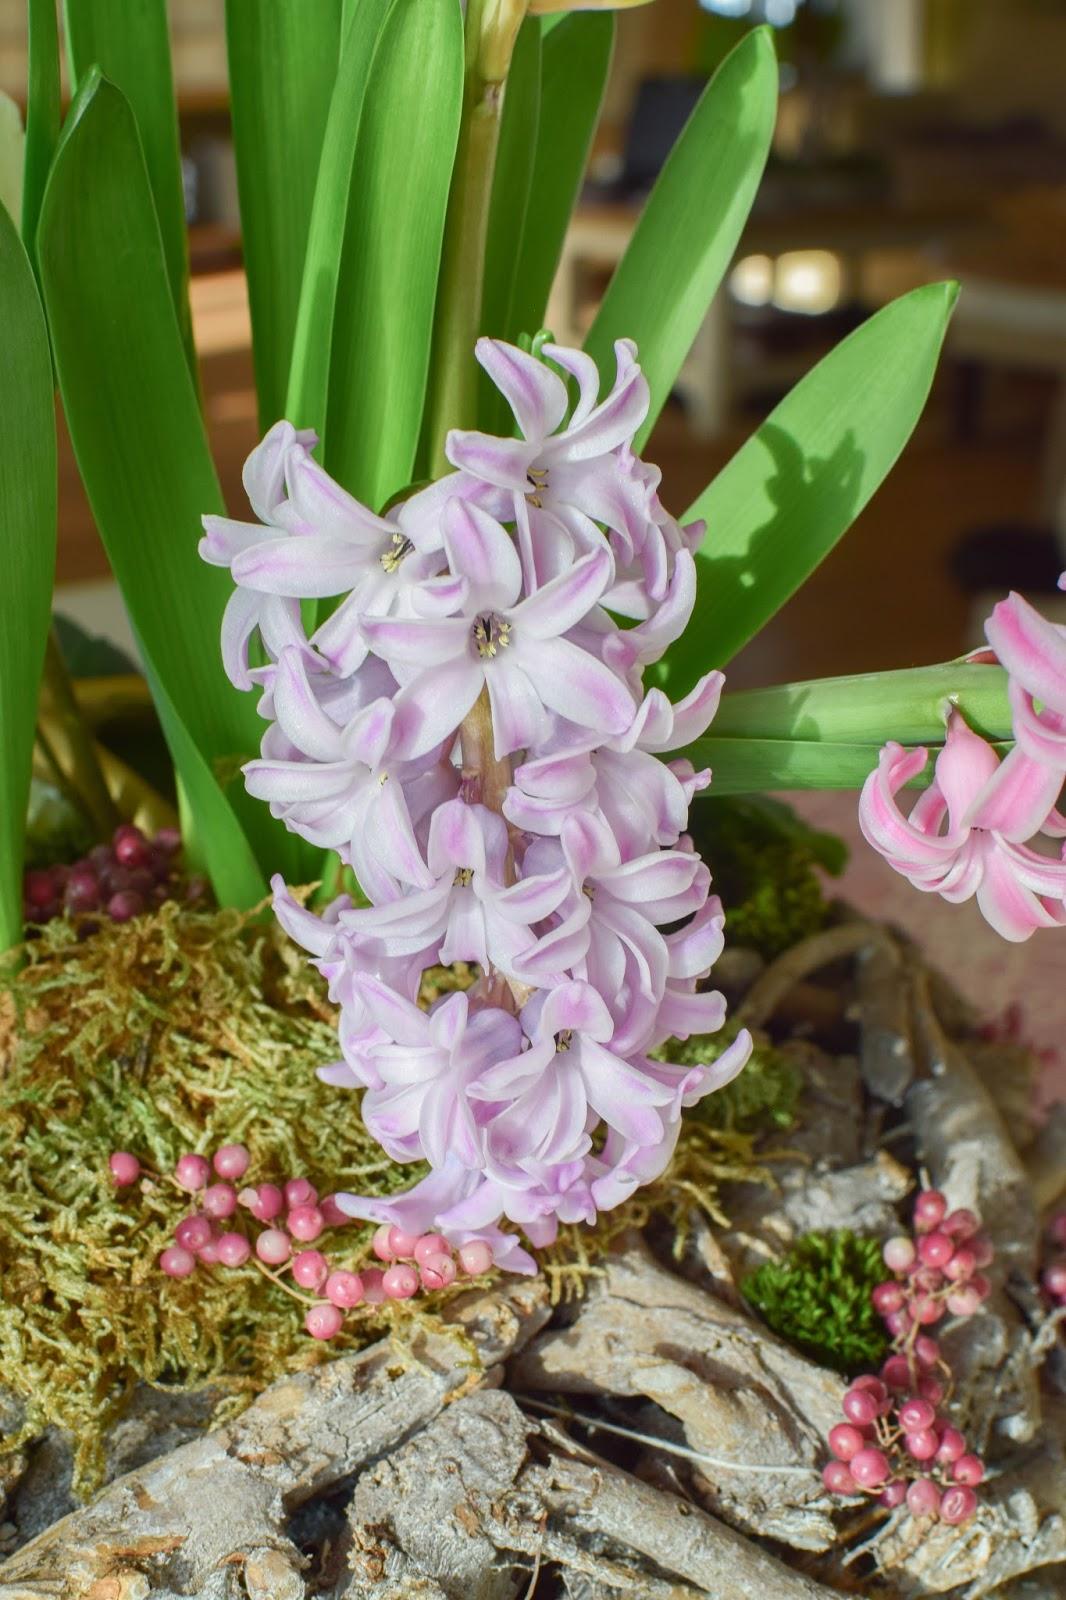 DIY : Frühlingsdeko selber machen Frühjahrsdeko für Tisch und Esszimmer. Dekoidee mit Korb Christrosen Hyazinthen Geweih Moos und natürlicher Deko